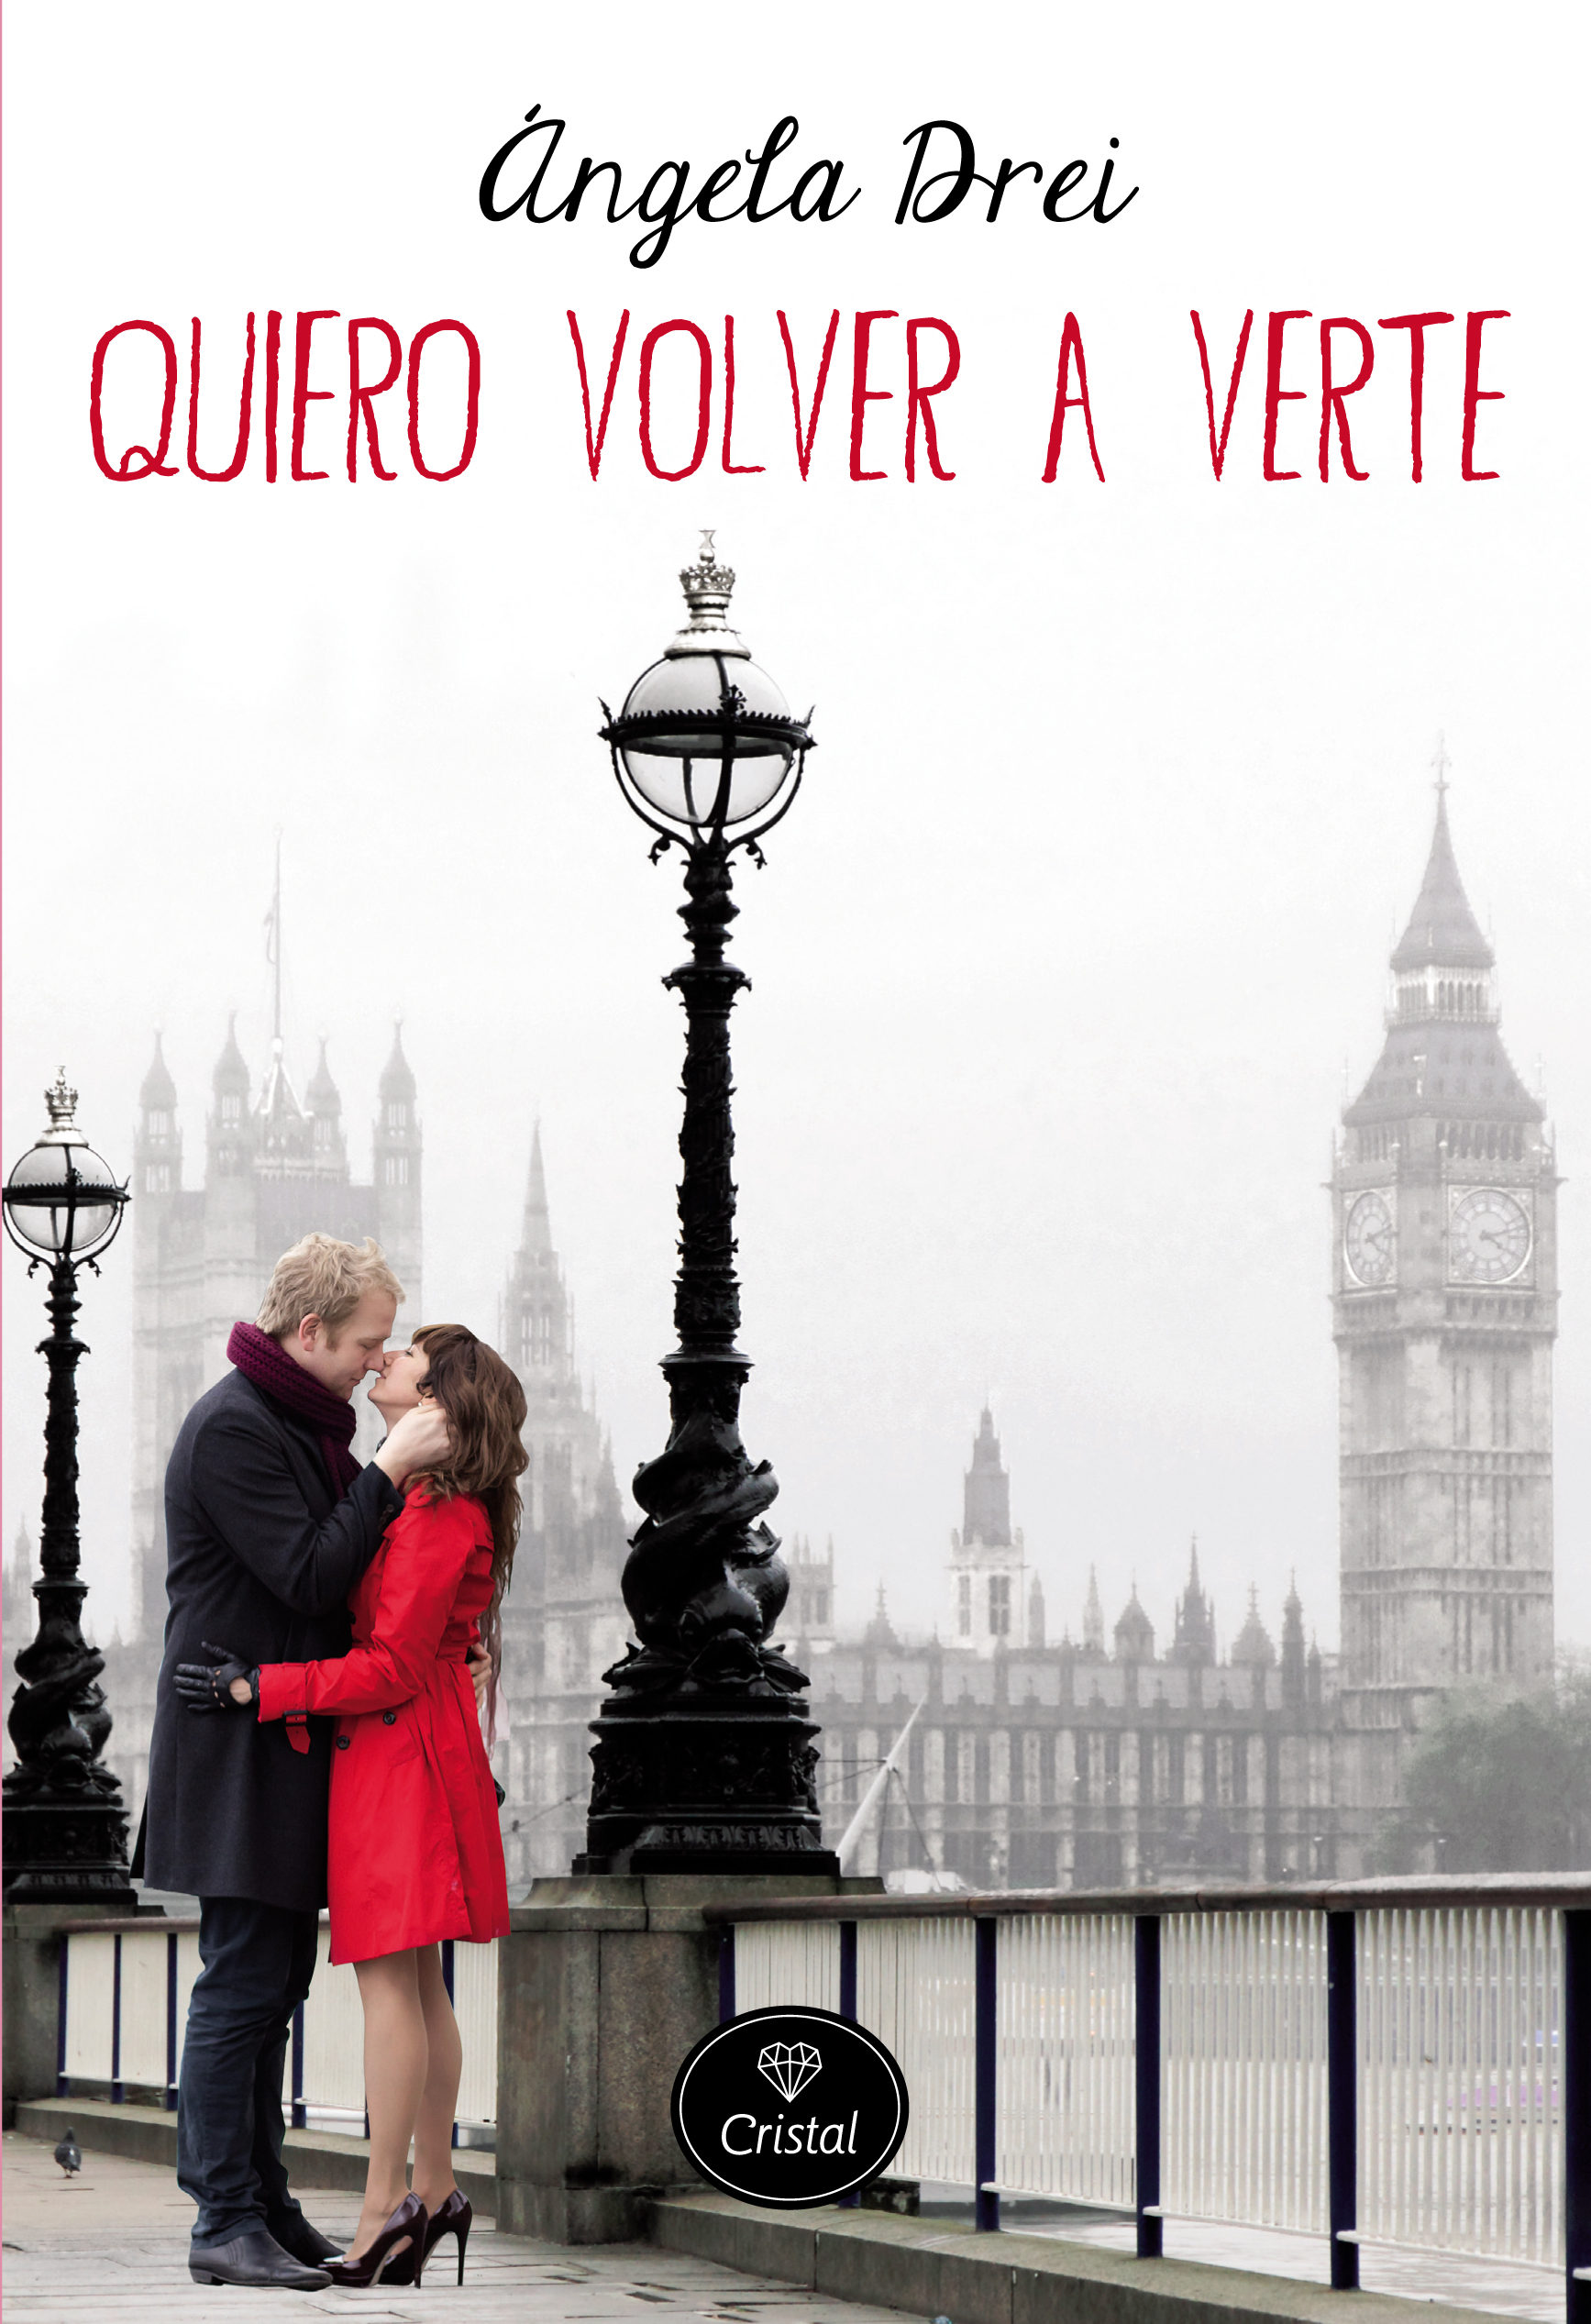 portada del libro romántico contemporáneo Quiero volver a verte, de Ángela Drei